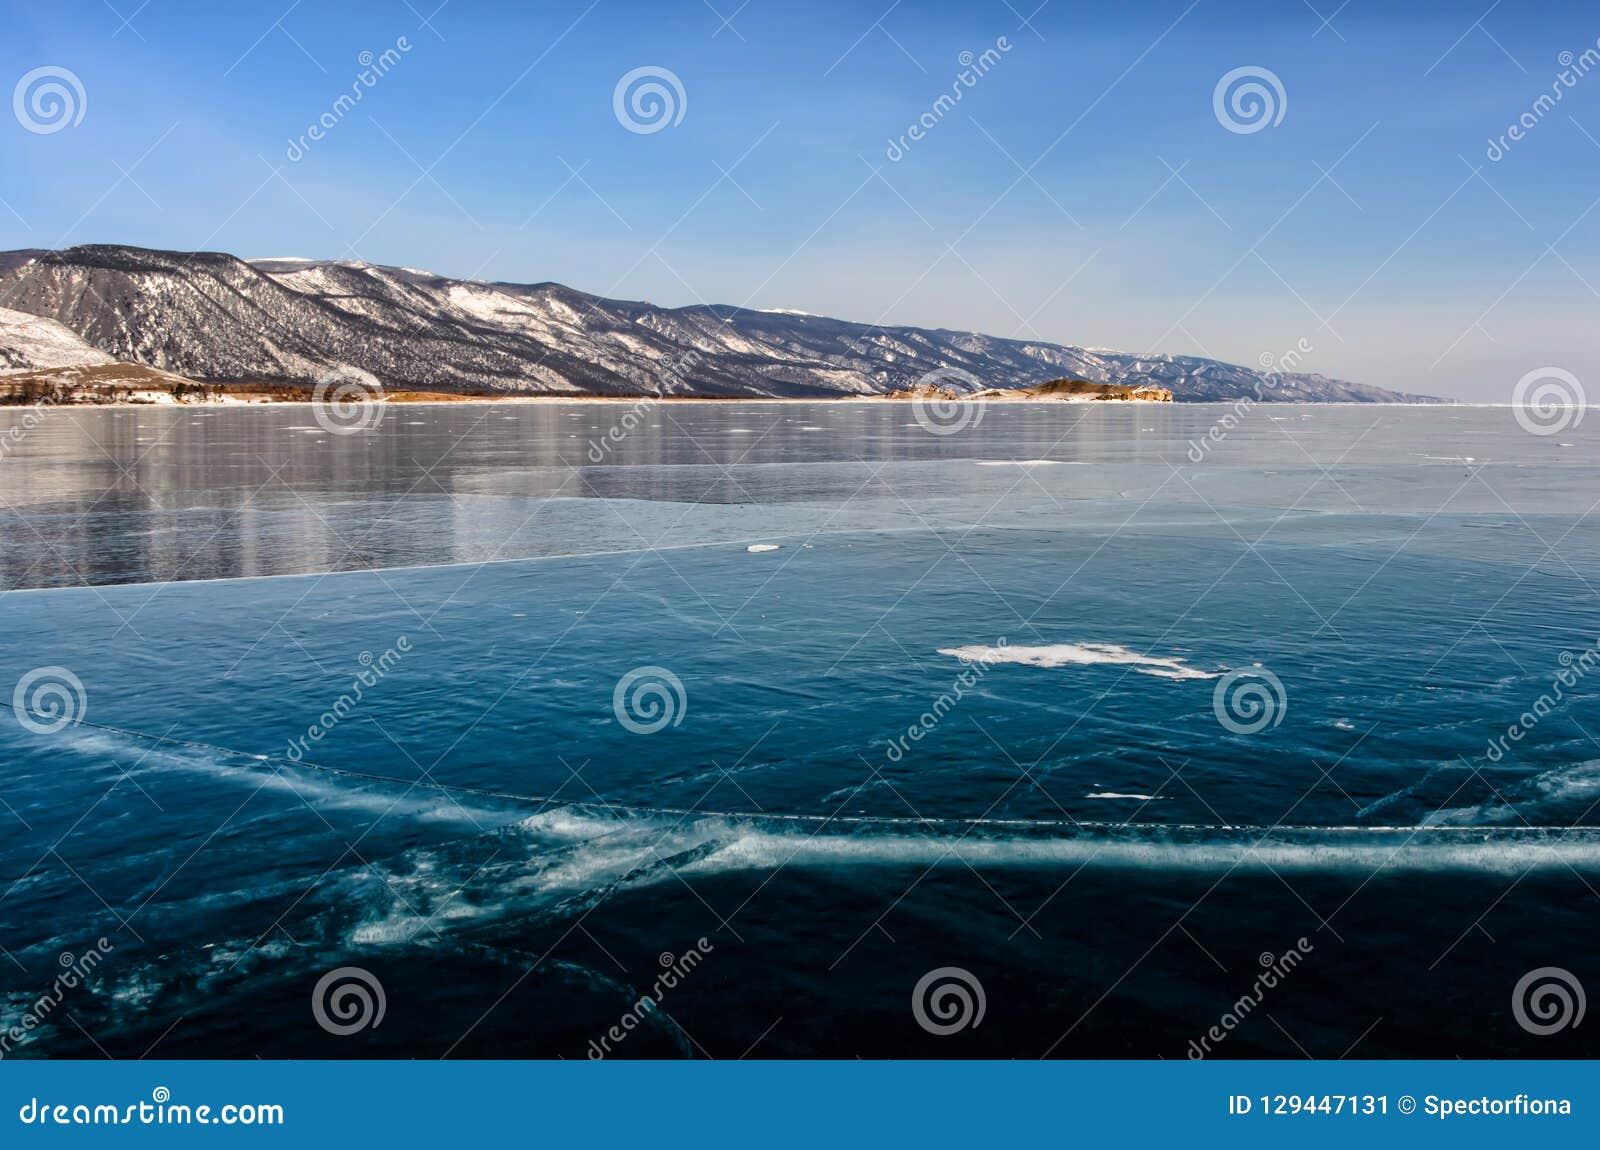 Mening van mooie tekeningen op ijs van barsten en bellen van diep gas op oppervlakte van het meer van Baikal in de winter, Ruslan